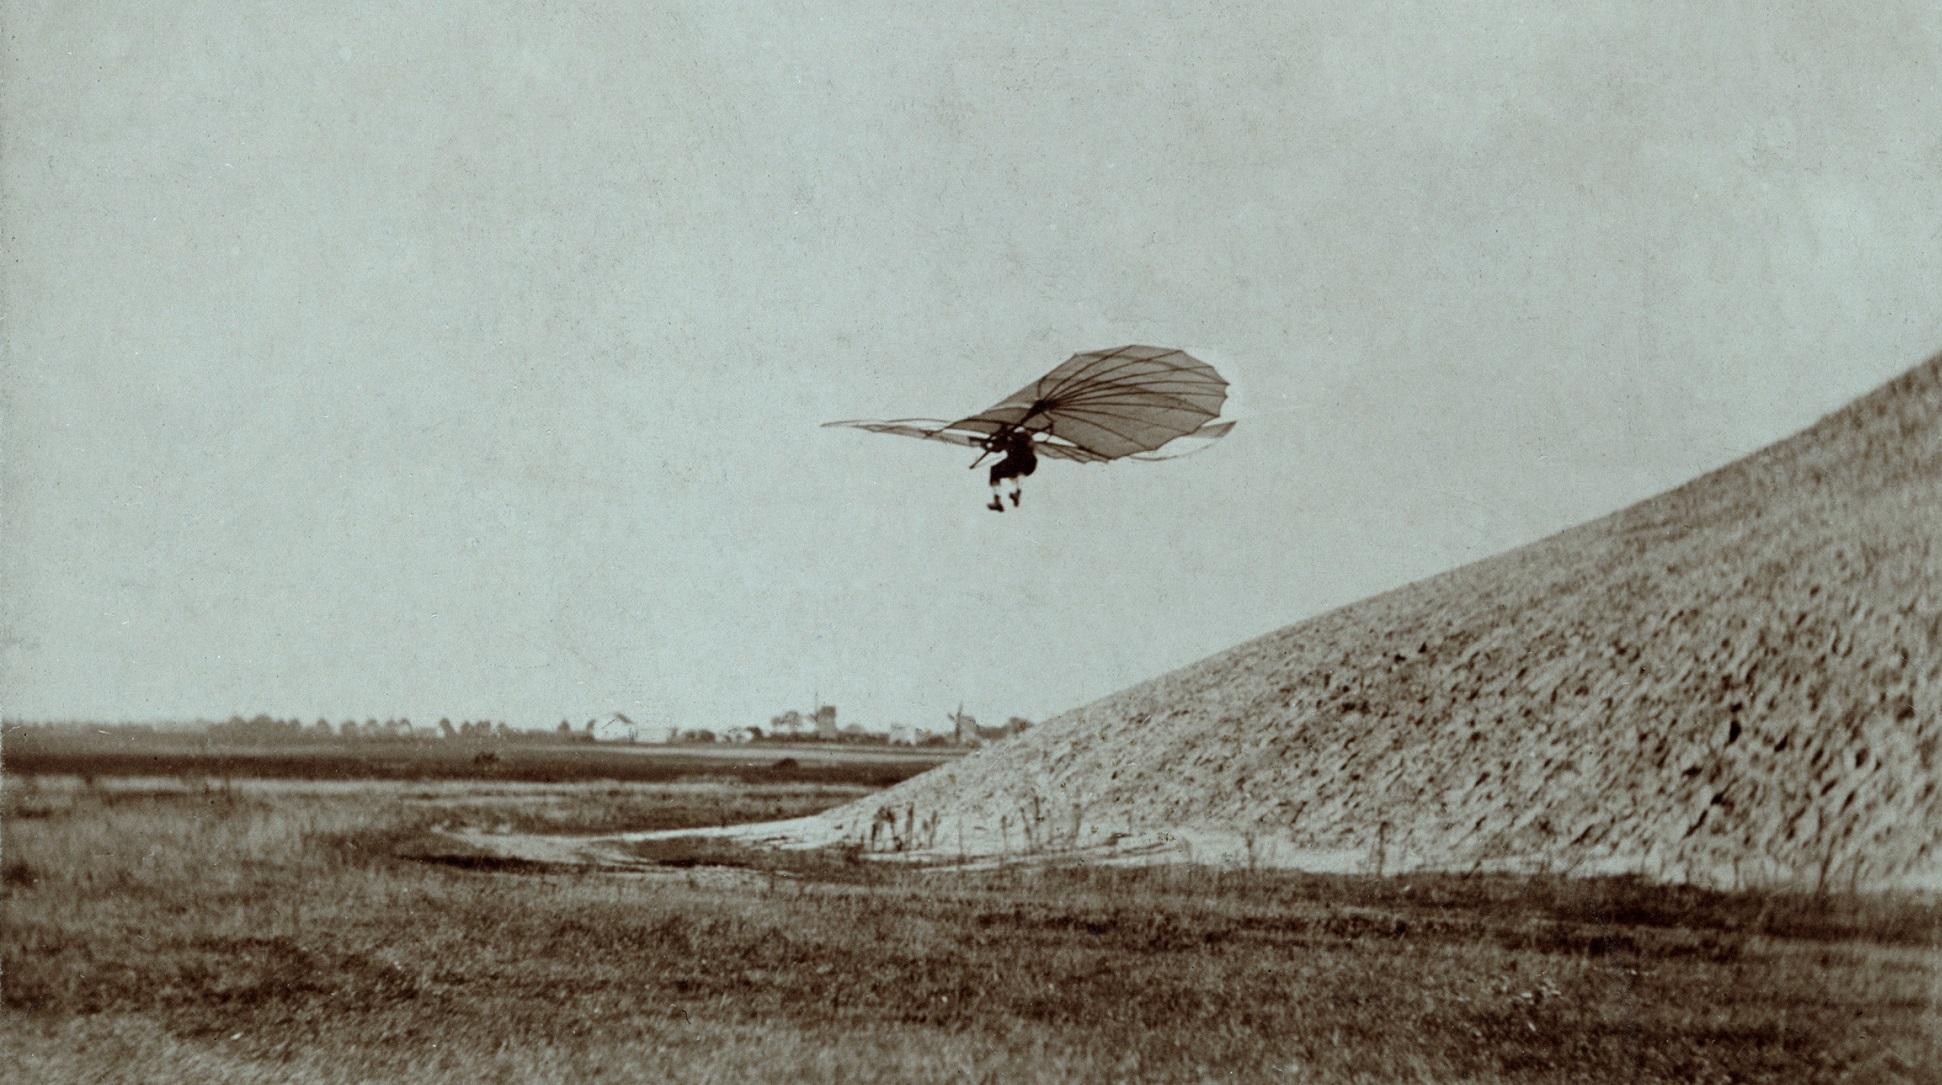 Planeadores, la anticipación de los aviones en el siglo XIX